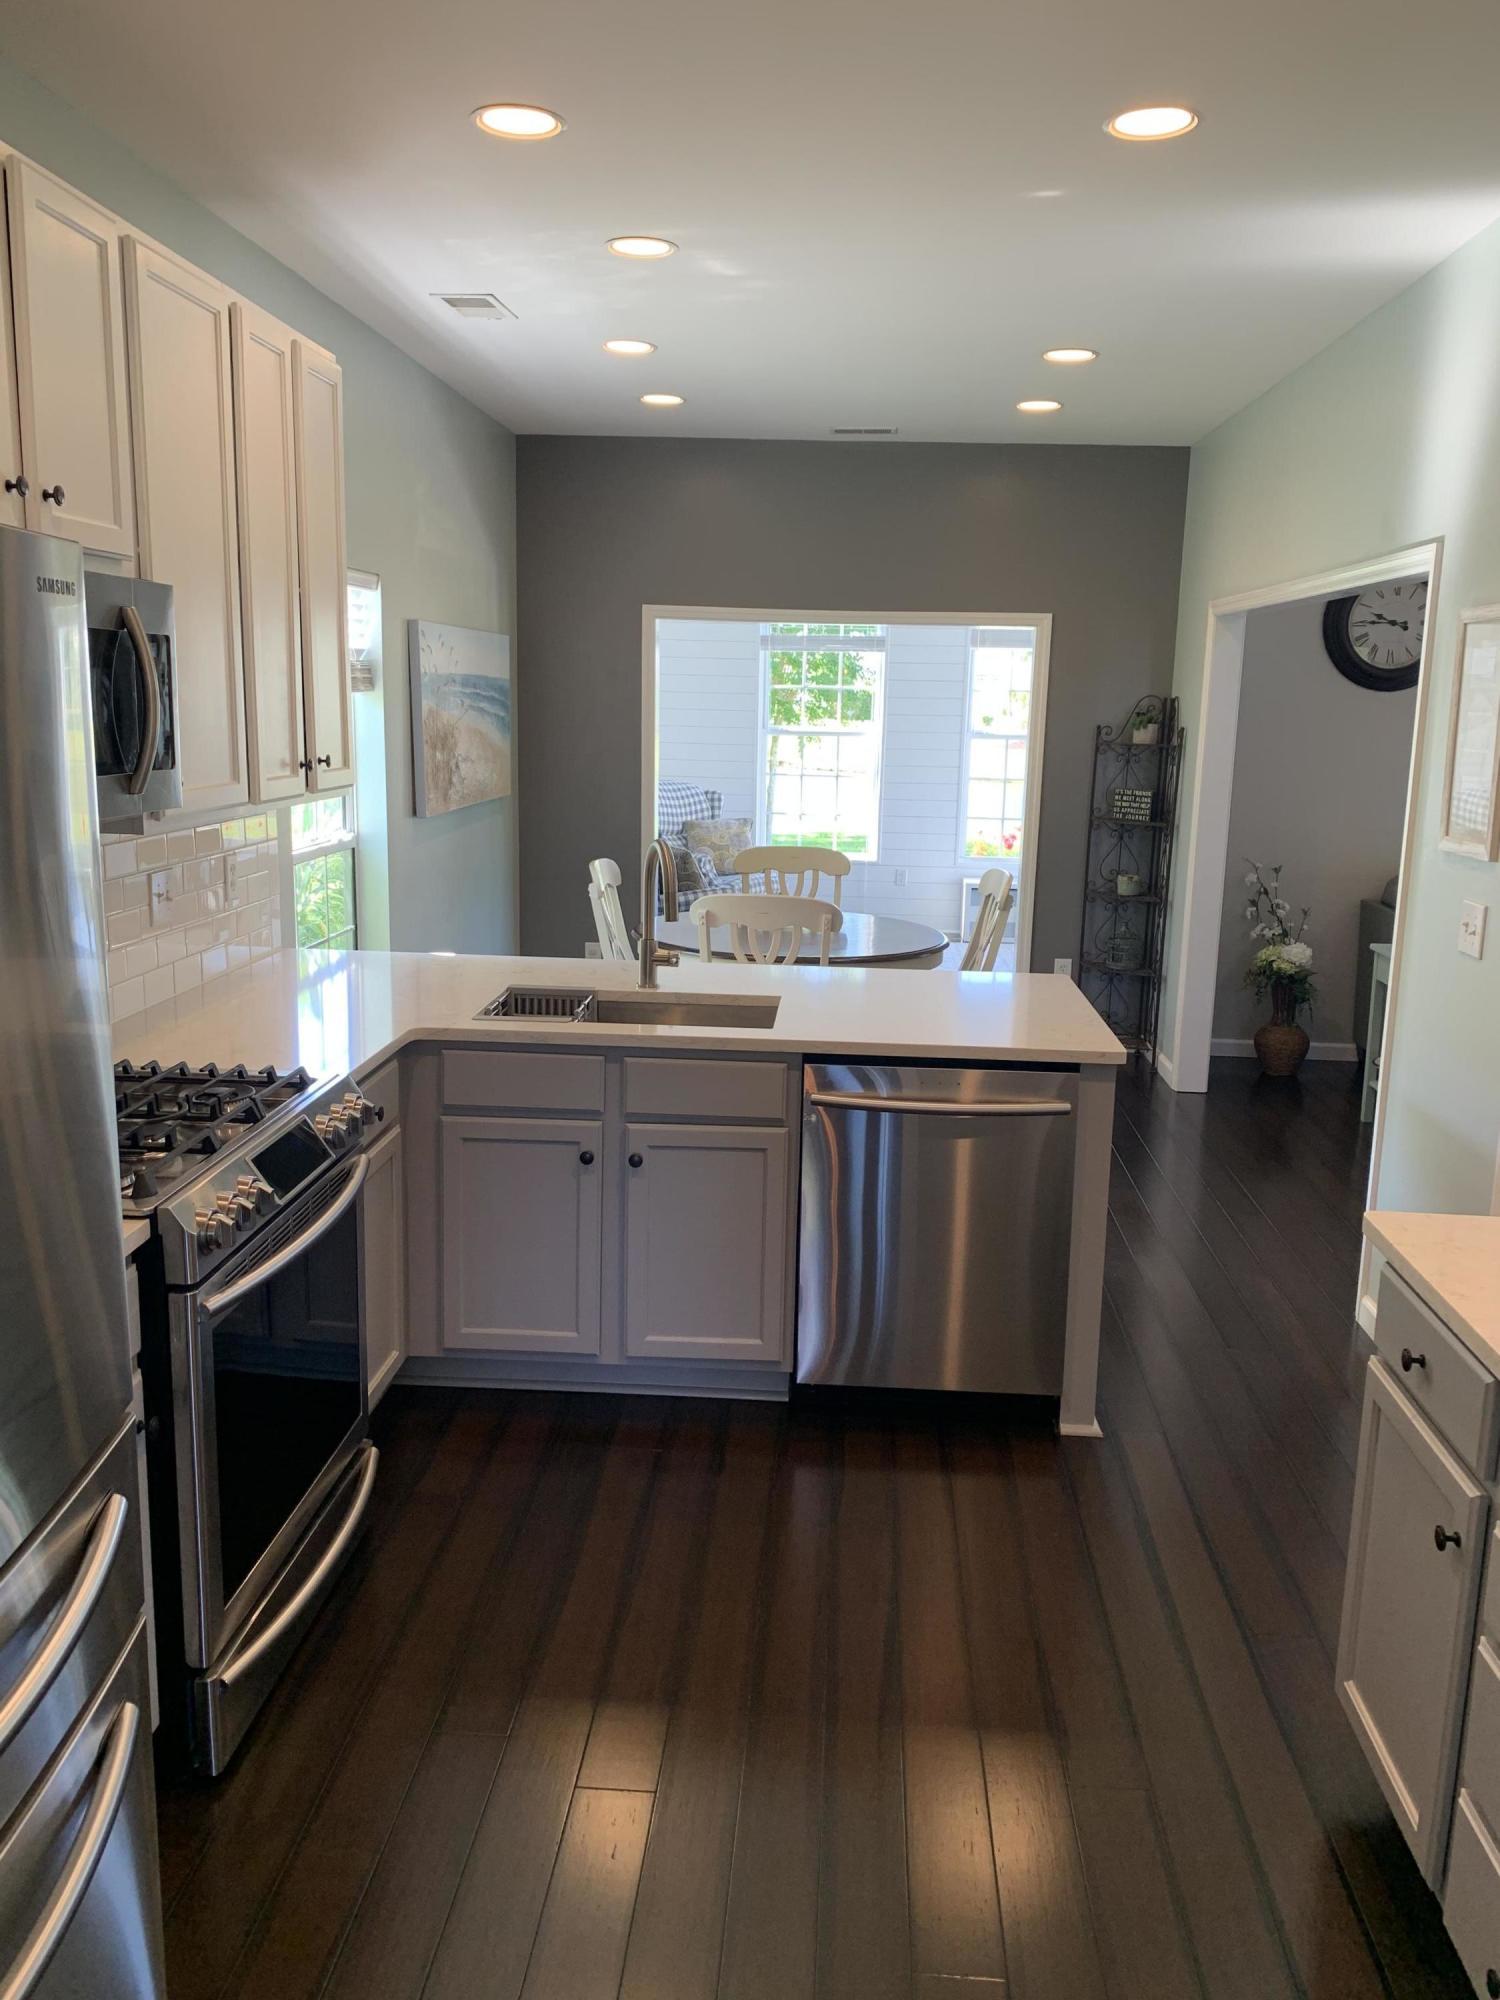 Park West Homes For Sale - 2073 Bancroft, Mount Pleasant, SC - 10